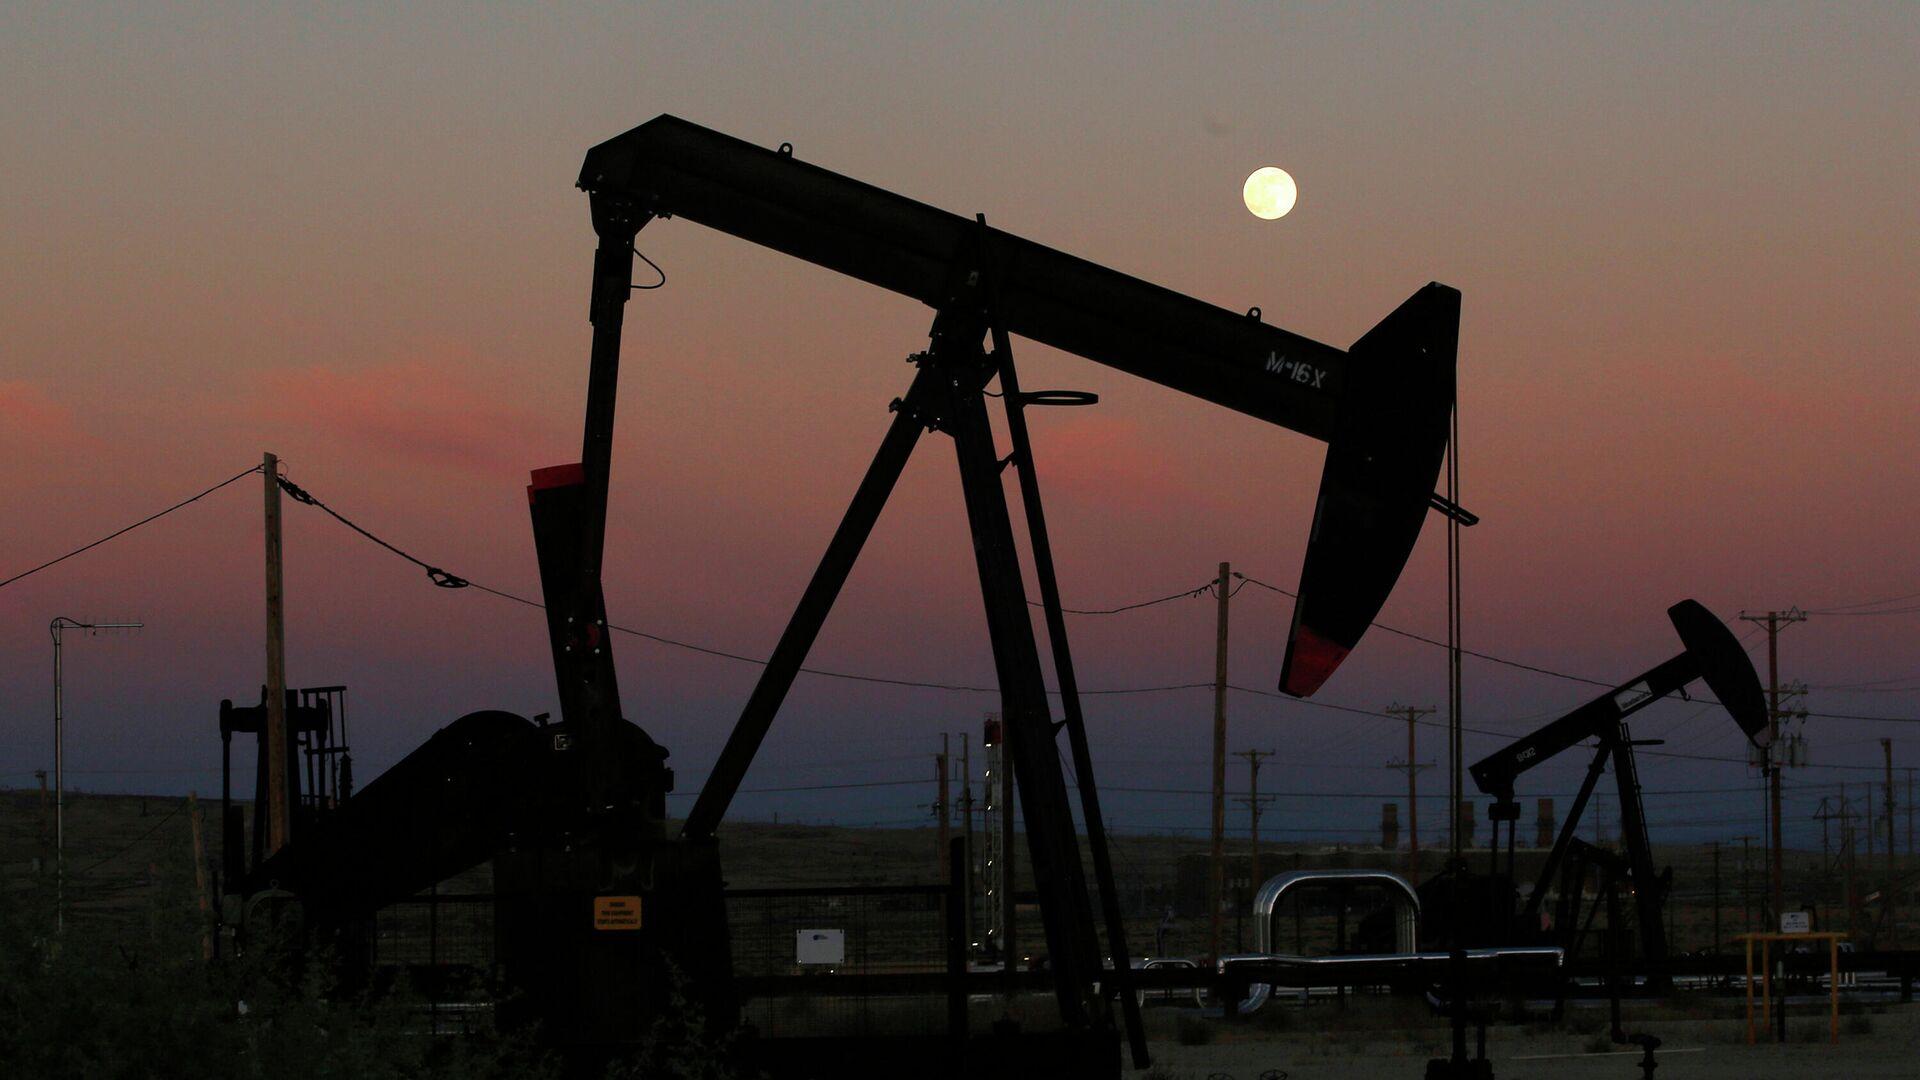 Нефтяные вышки в Маккитрике, штат Калифорния - РИА Новости, 1920, 24.11.2020